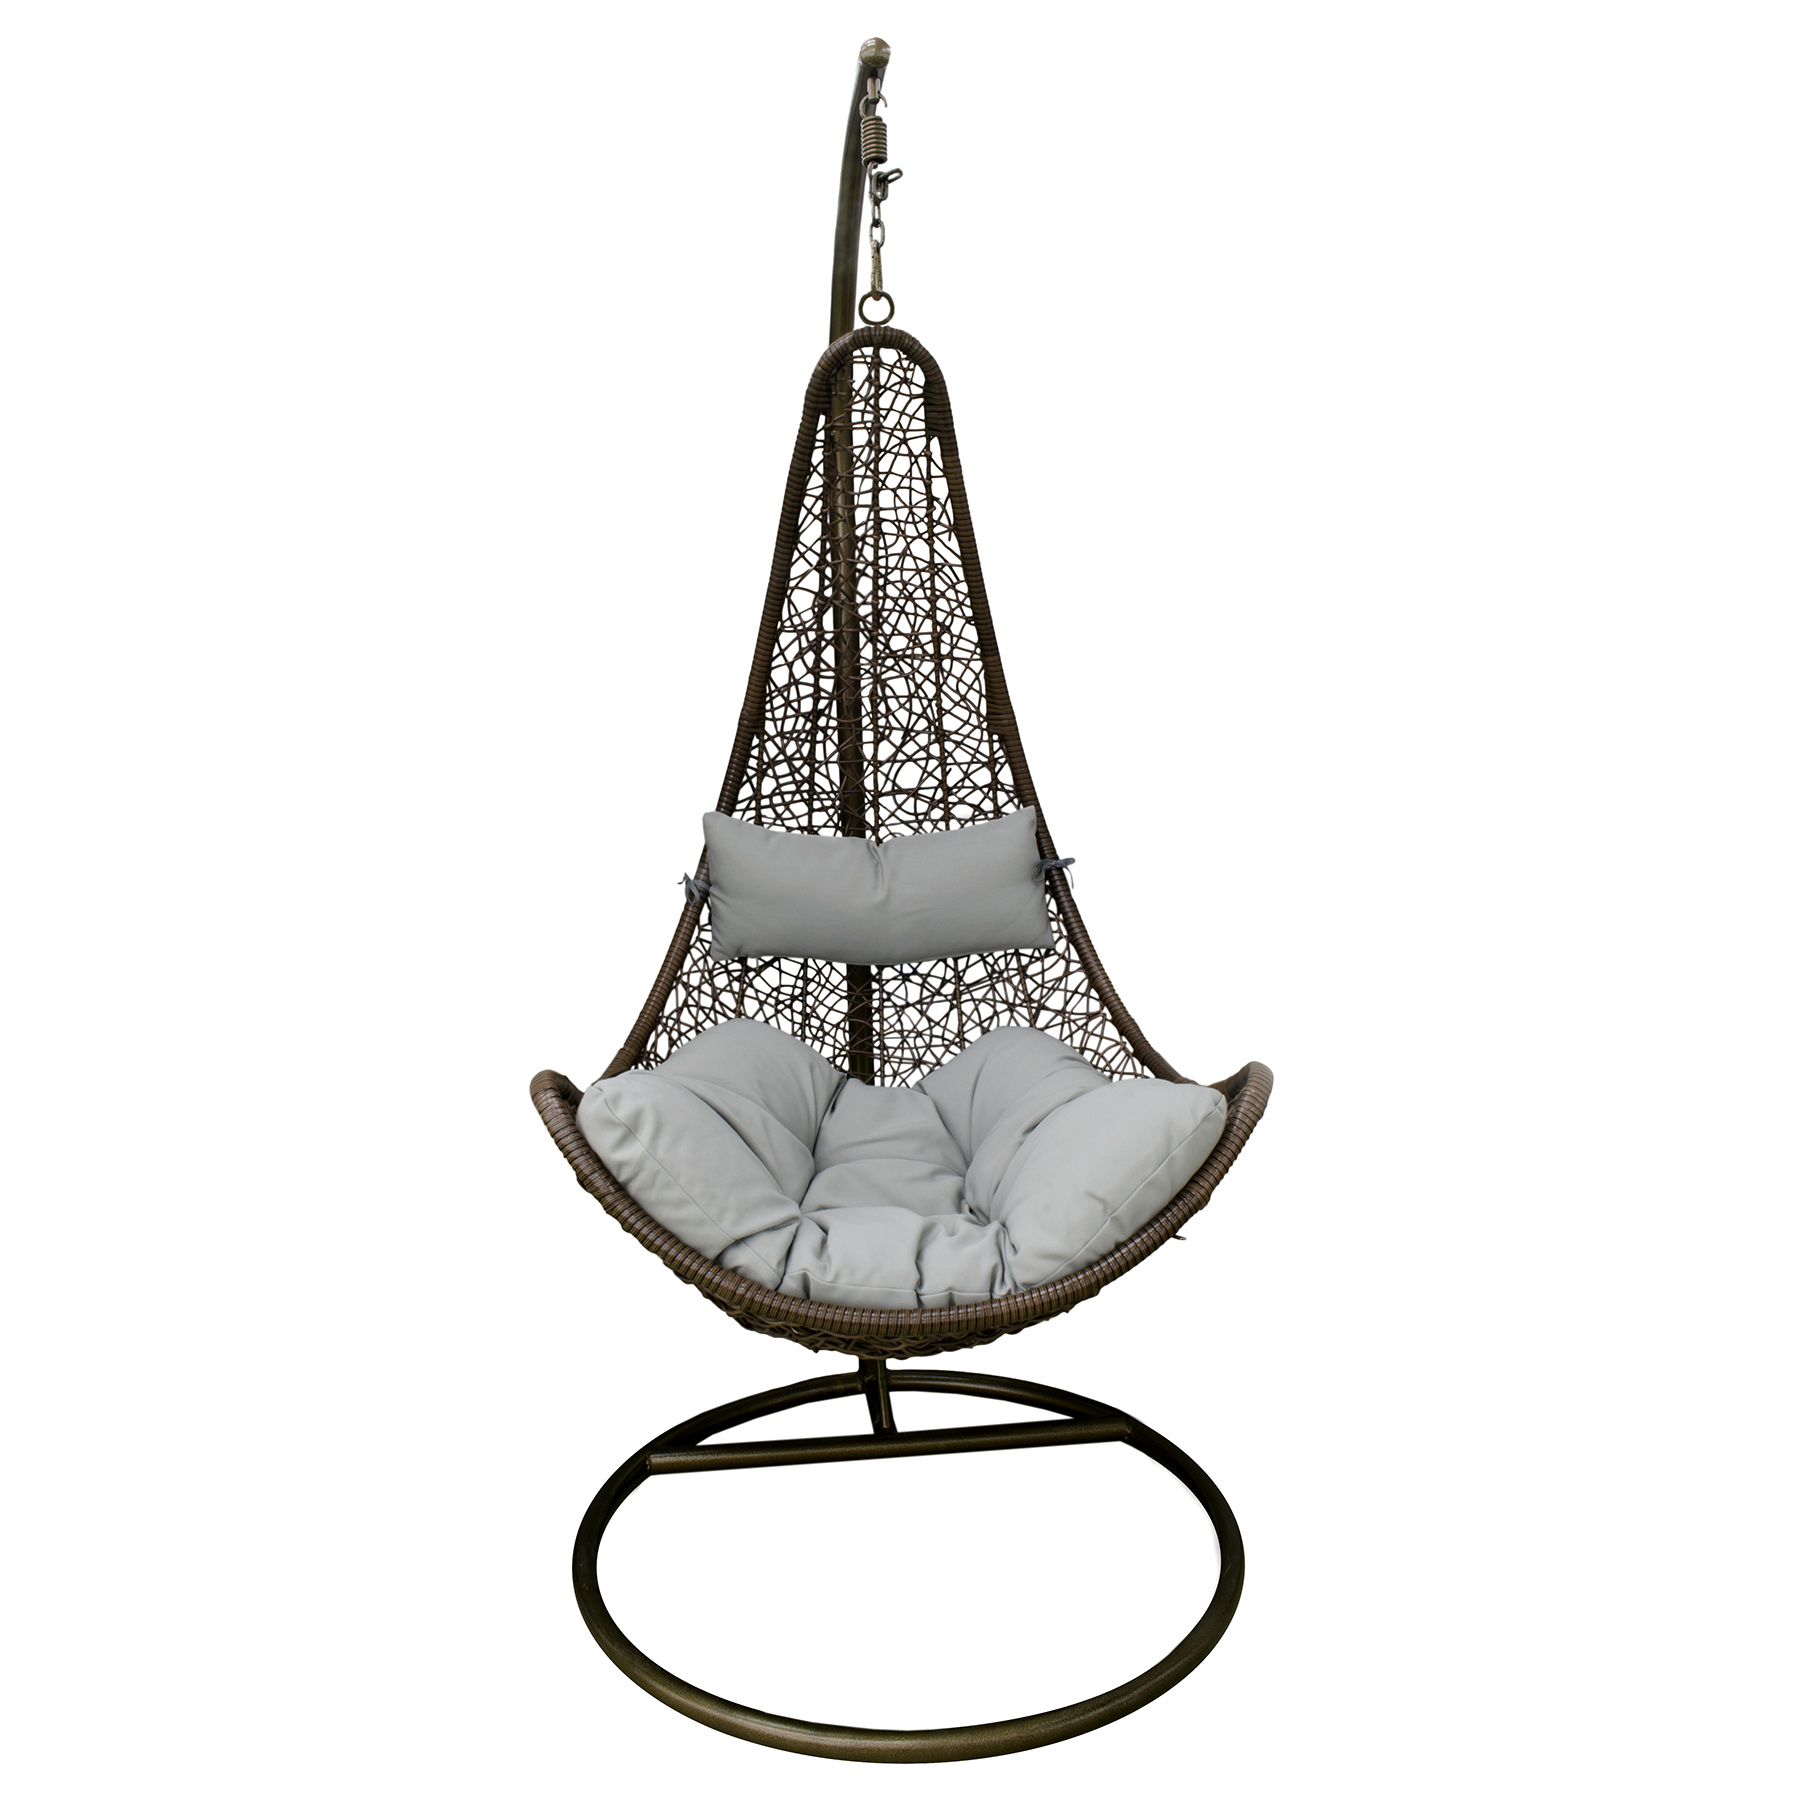 Гамак подвесной коричневый Art and craft furniture (D0320B)